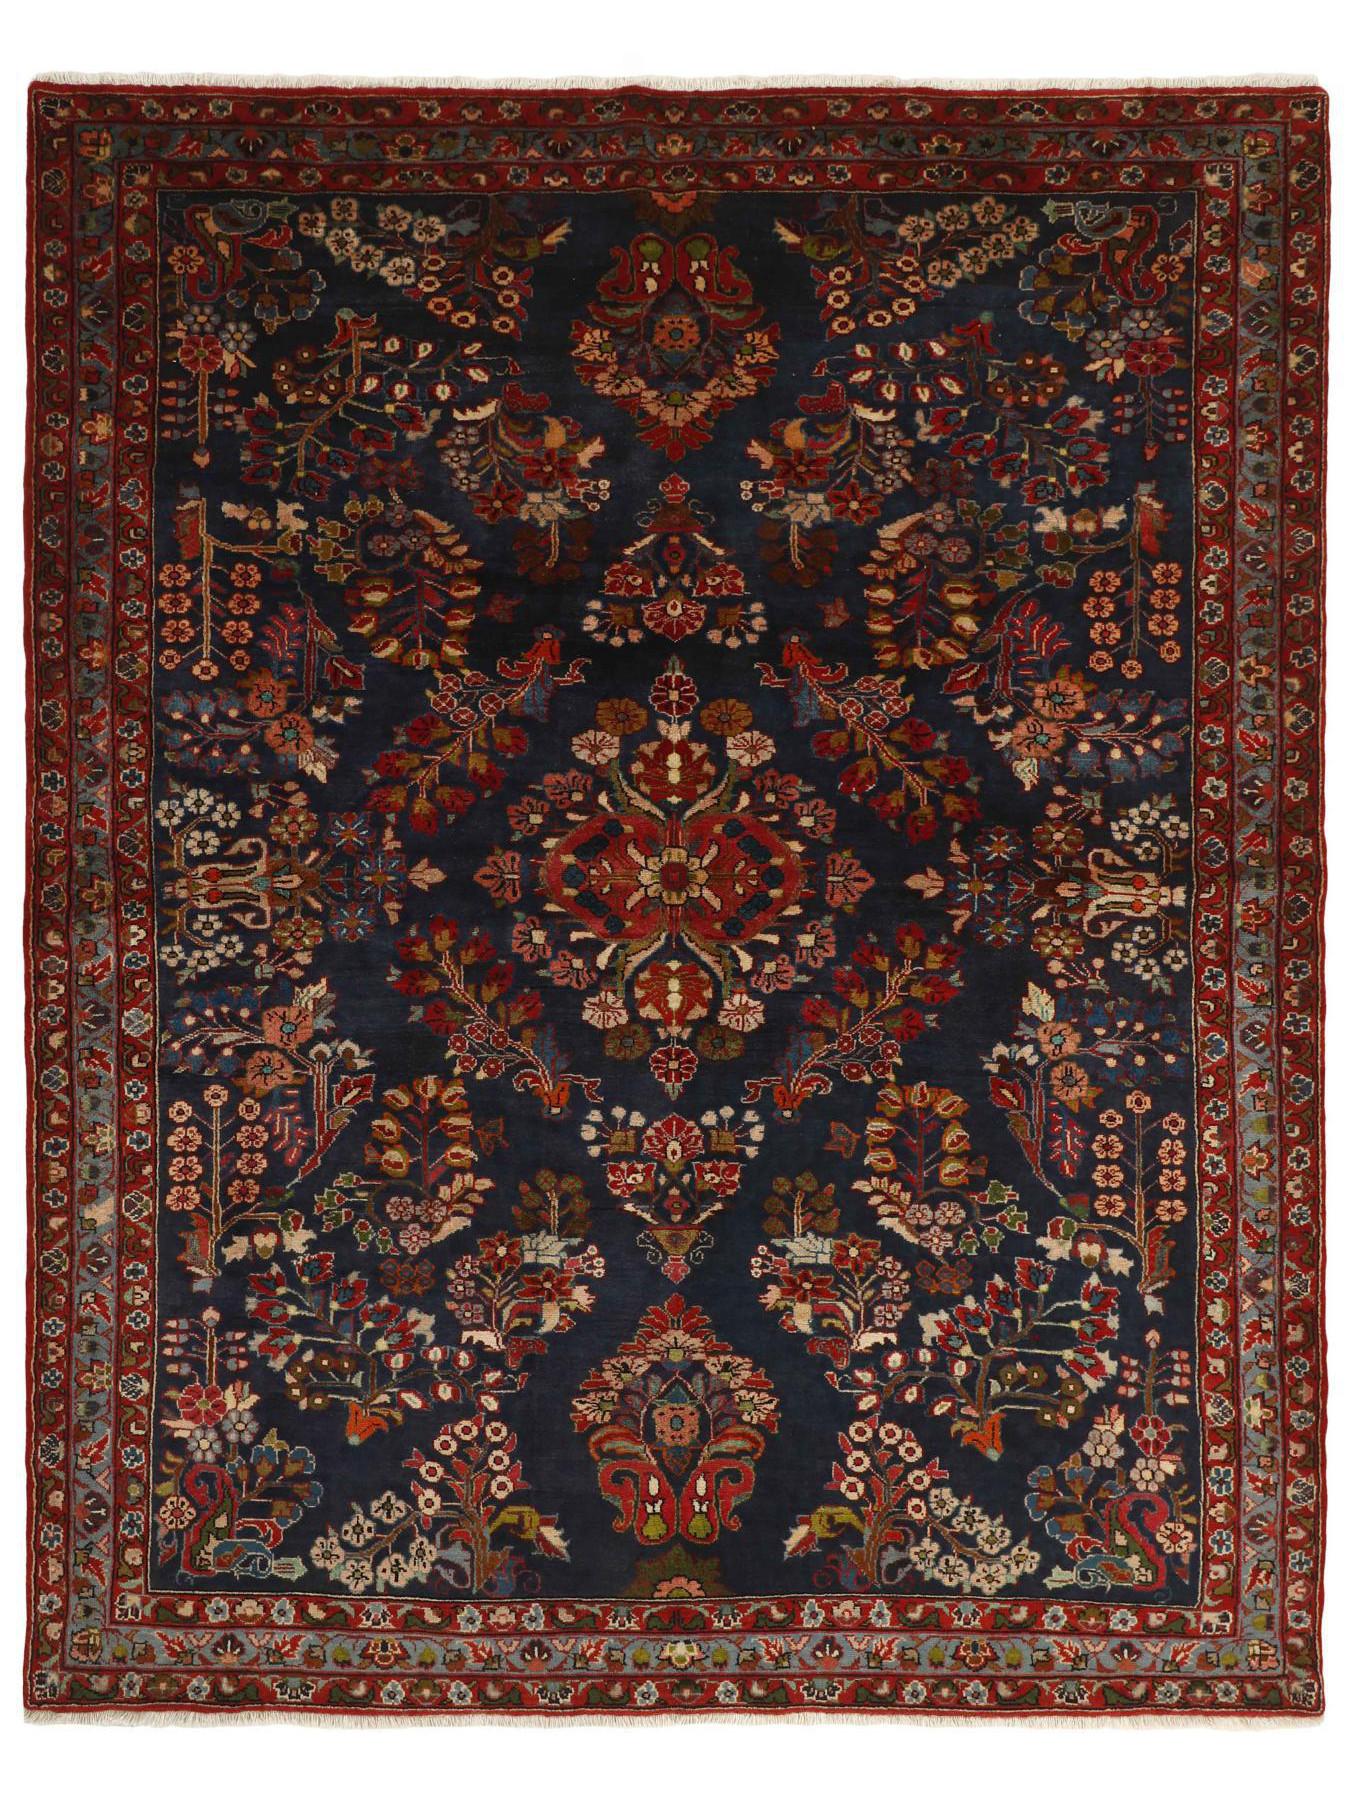 Perzische tapijten - Lilian